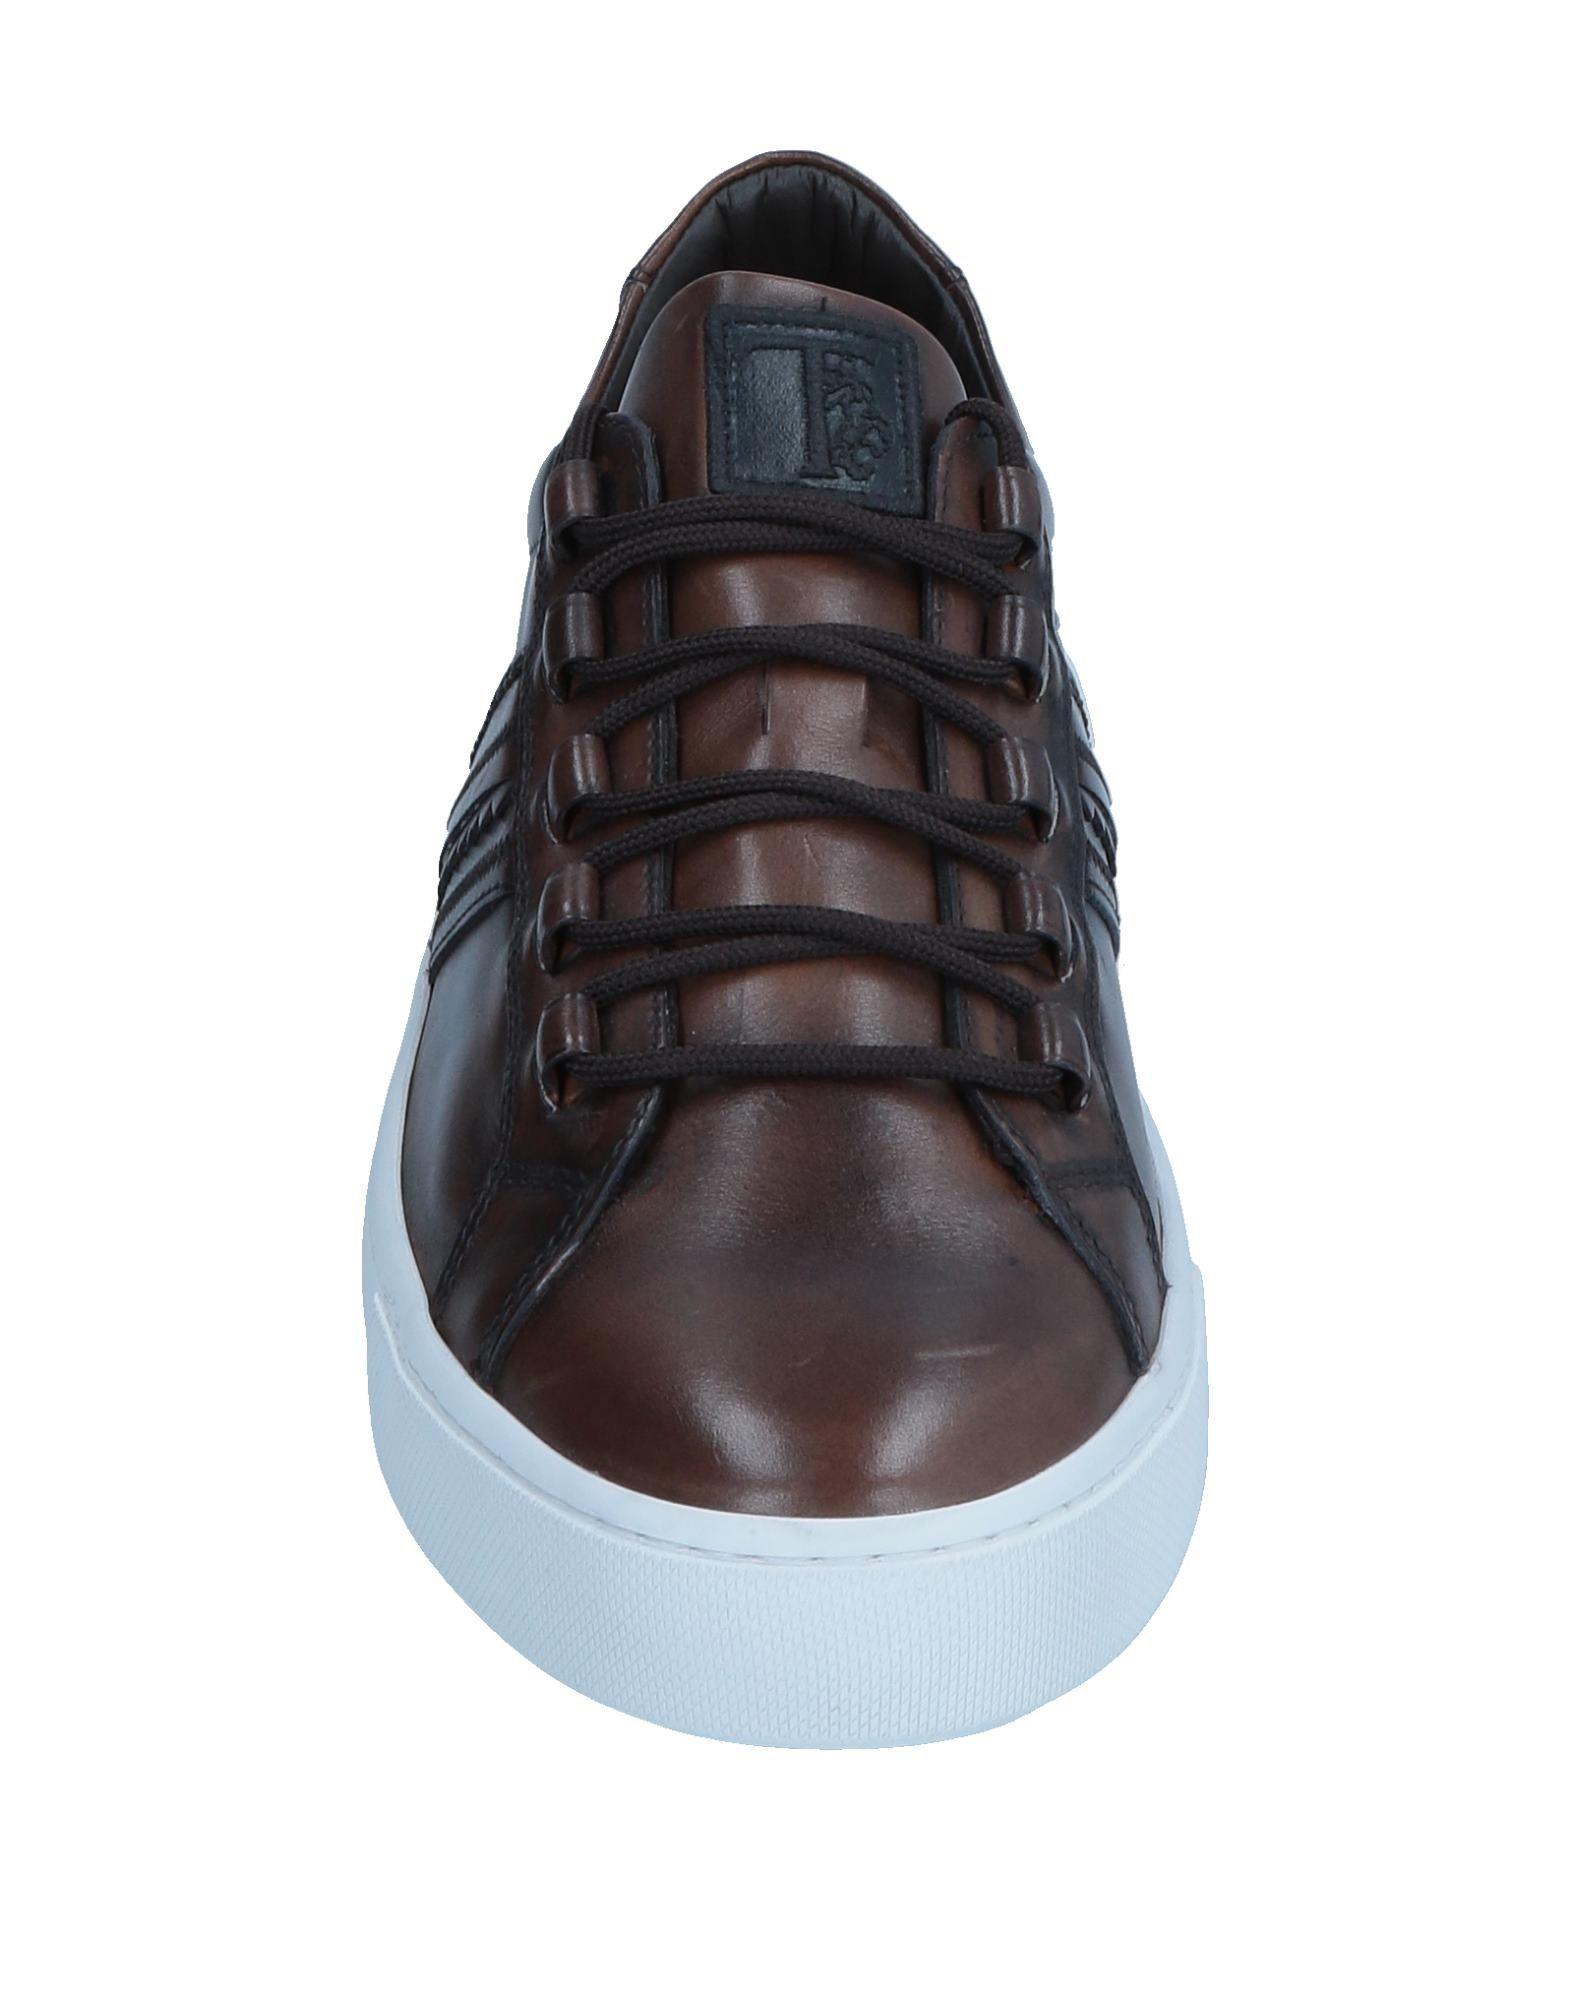 Tod's 11550480GW Sneakers Herren  11550480GW Tod's Gute Qualität beliebte Schuhe 5e6a10